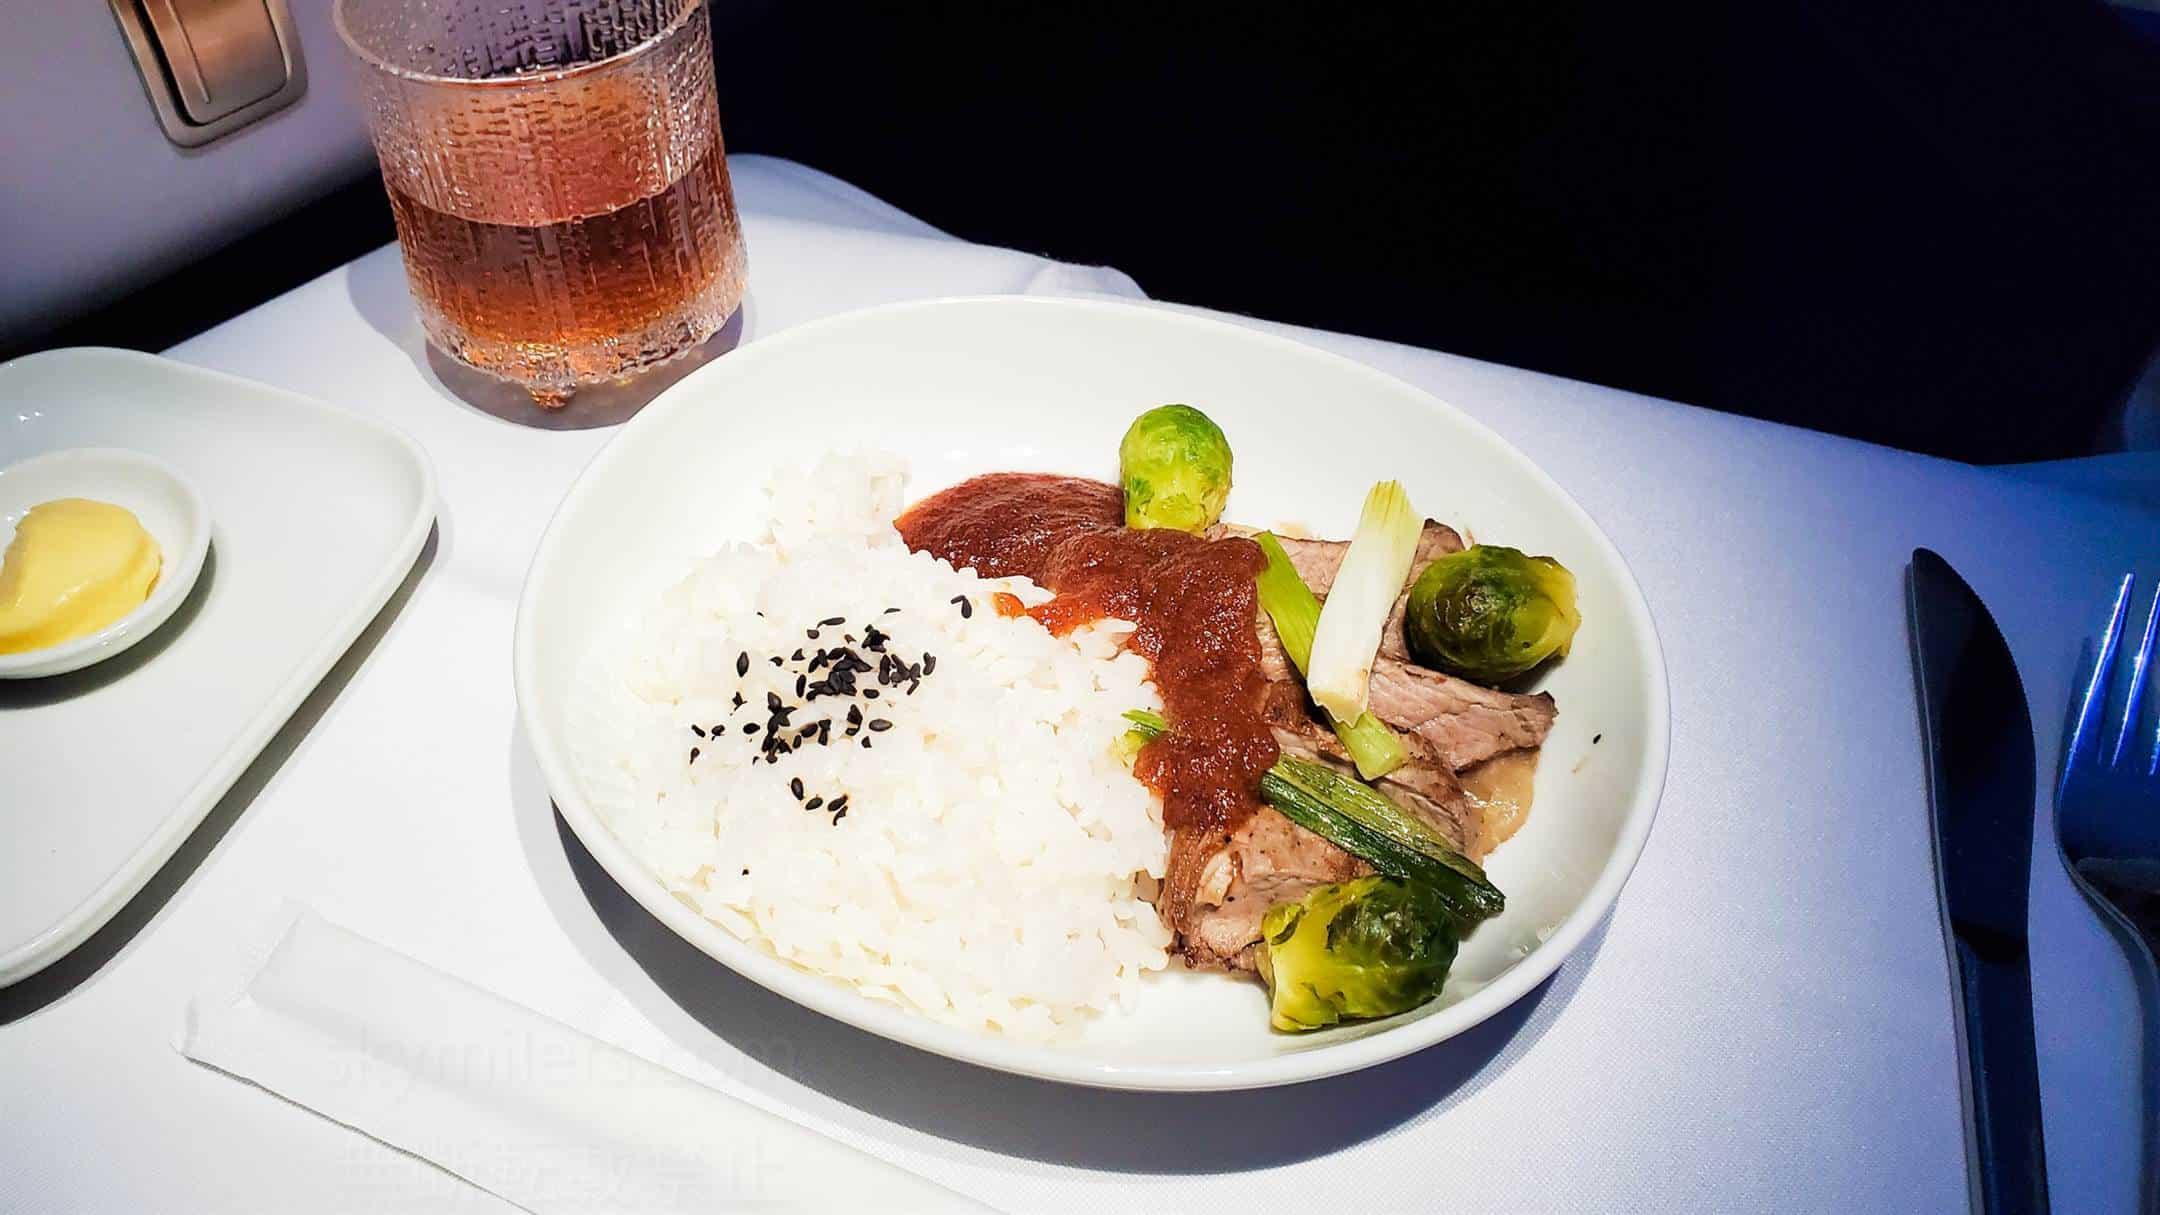 フィンエアー ビジネスクラス 主食 牛焼肉とおろし照焼きソース02